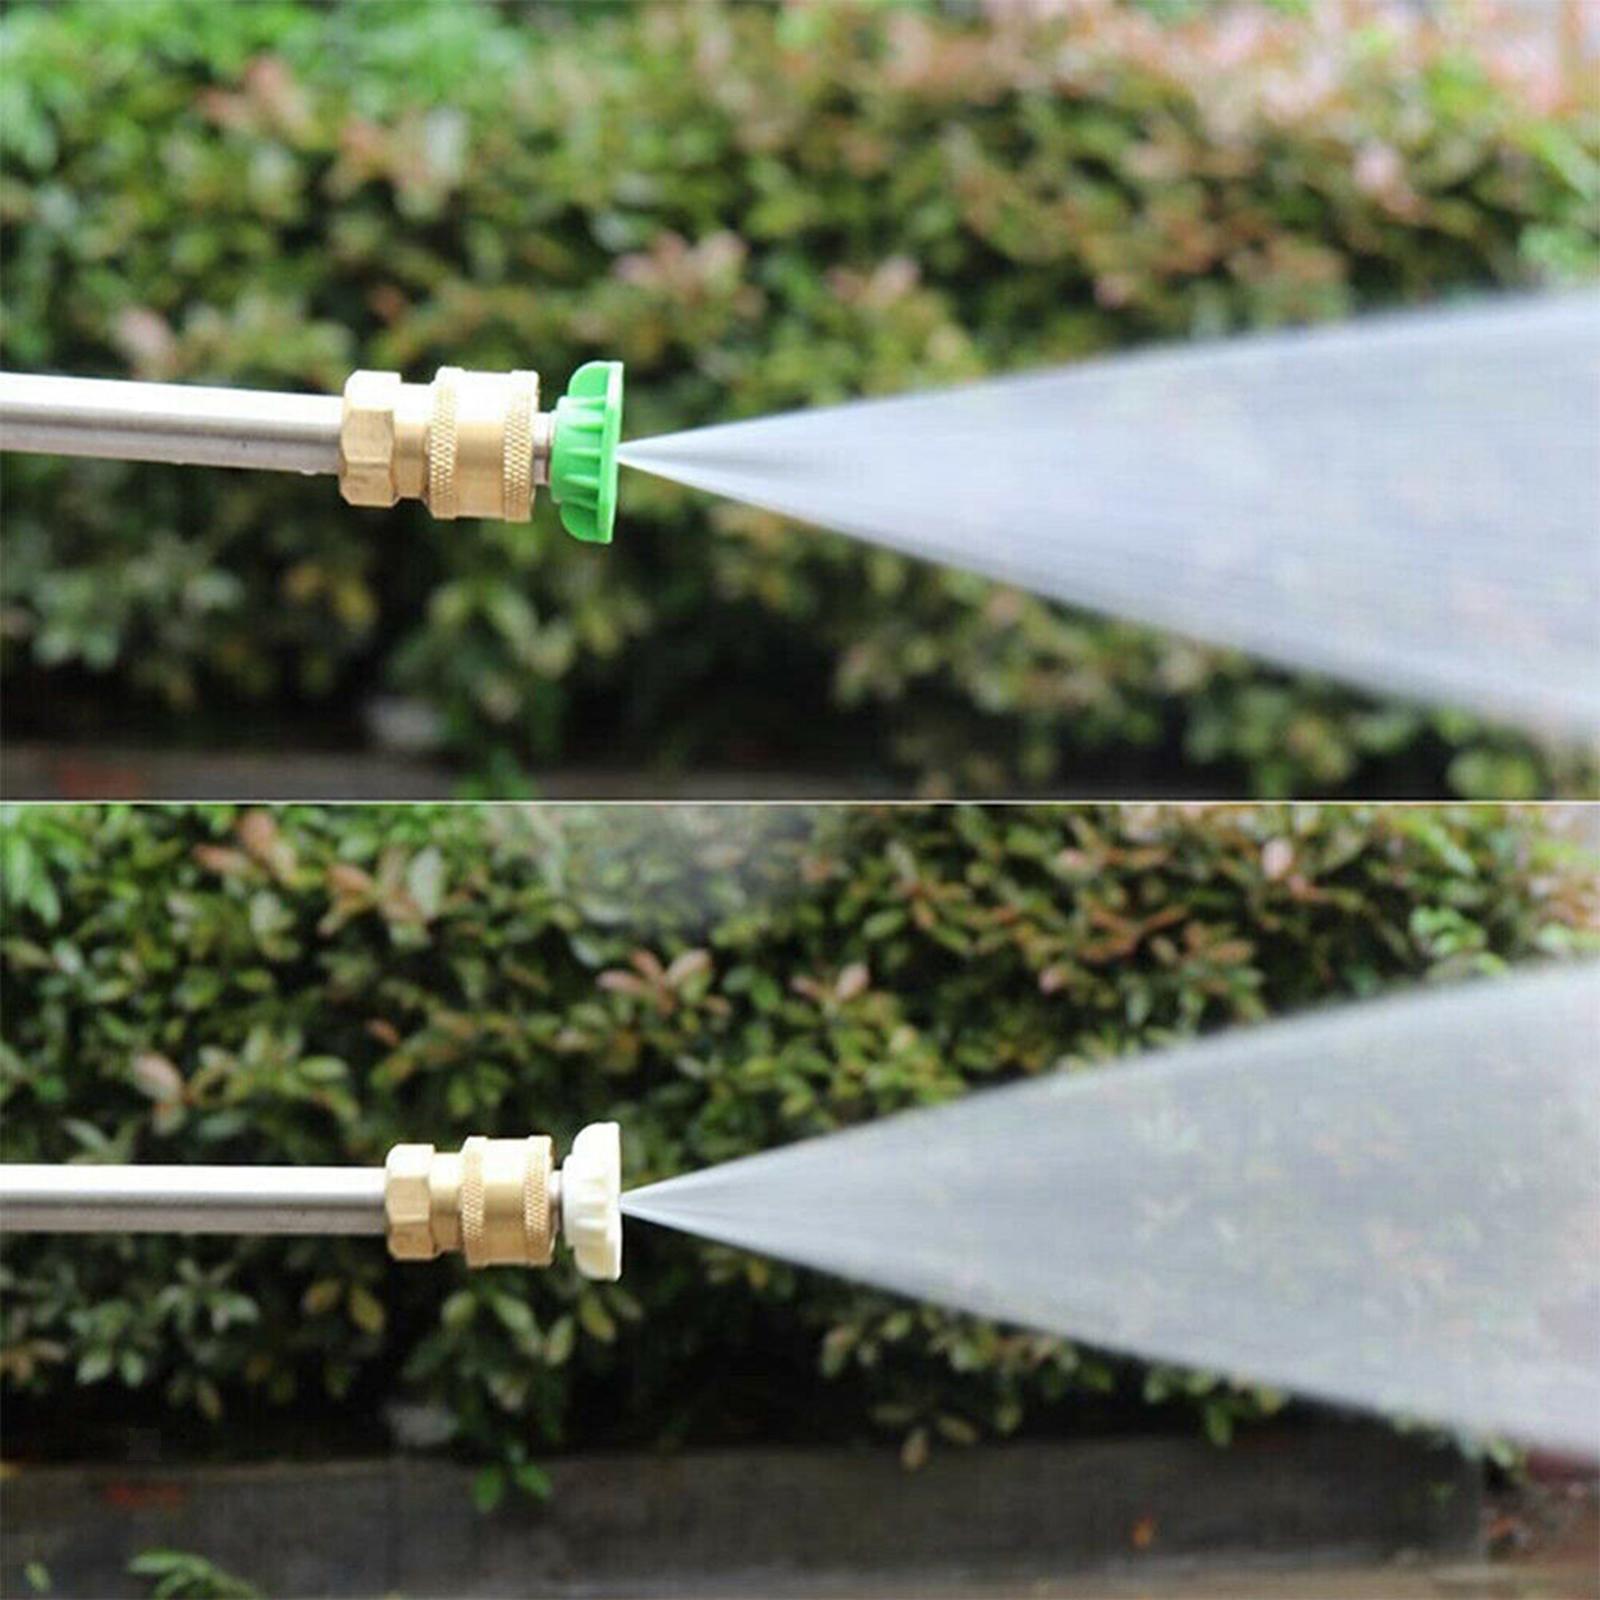 Indexbild 21 - Hochdruckreiniger Pistole Düse Zubehör Ersatzteile Teile Hochdruckpistole